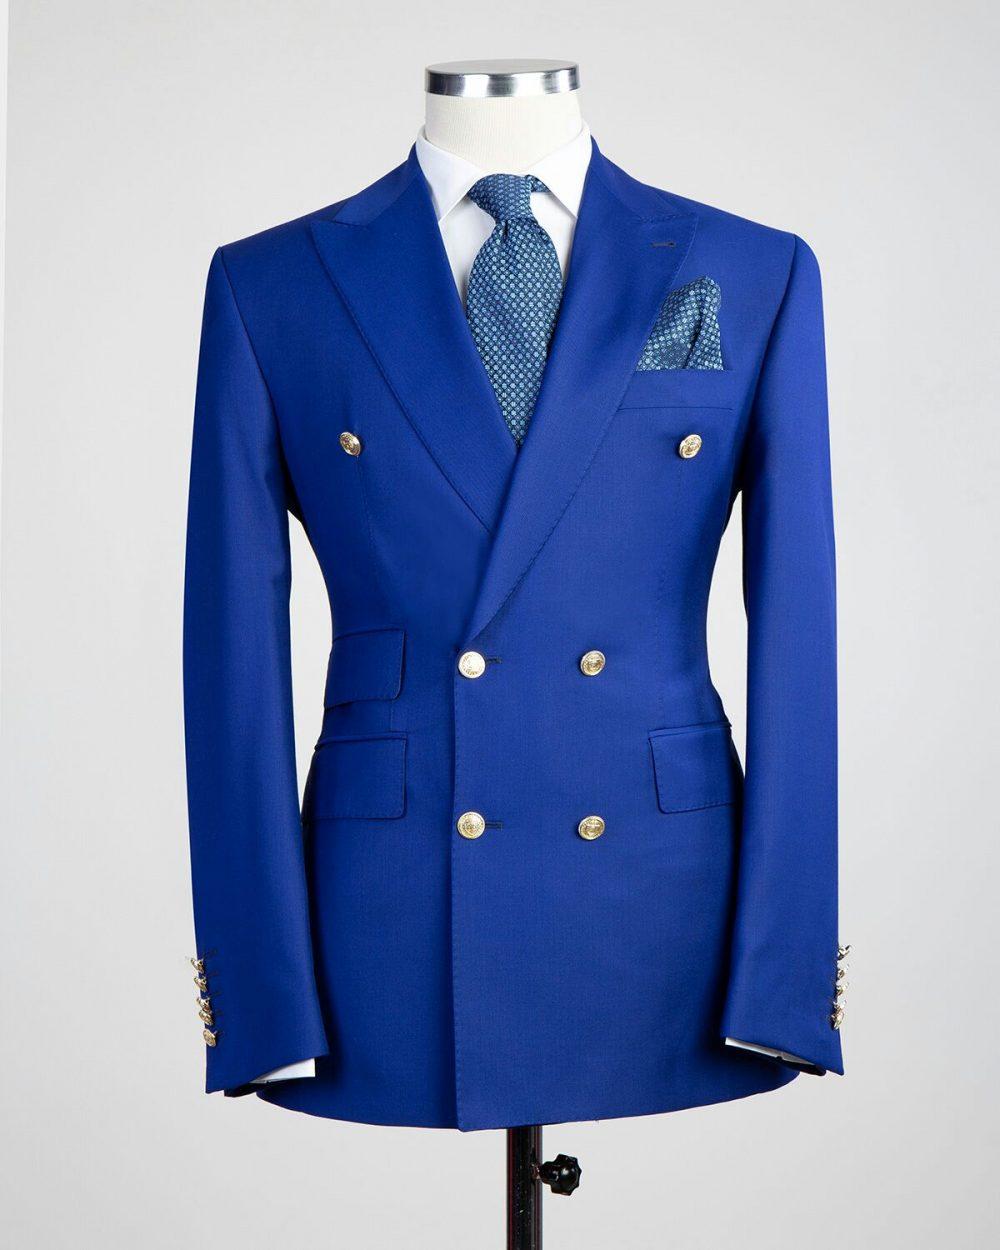 The Hutchison Zaffre Blue Suit